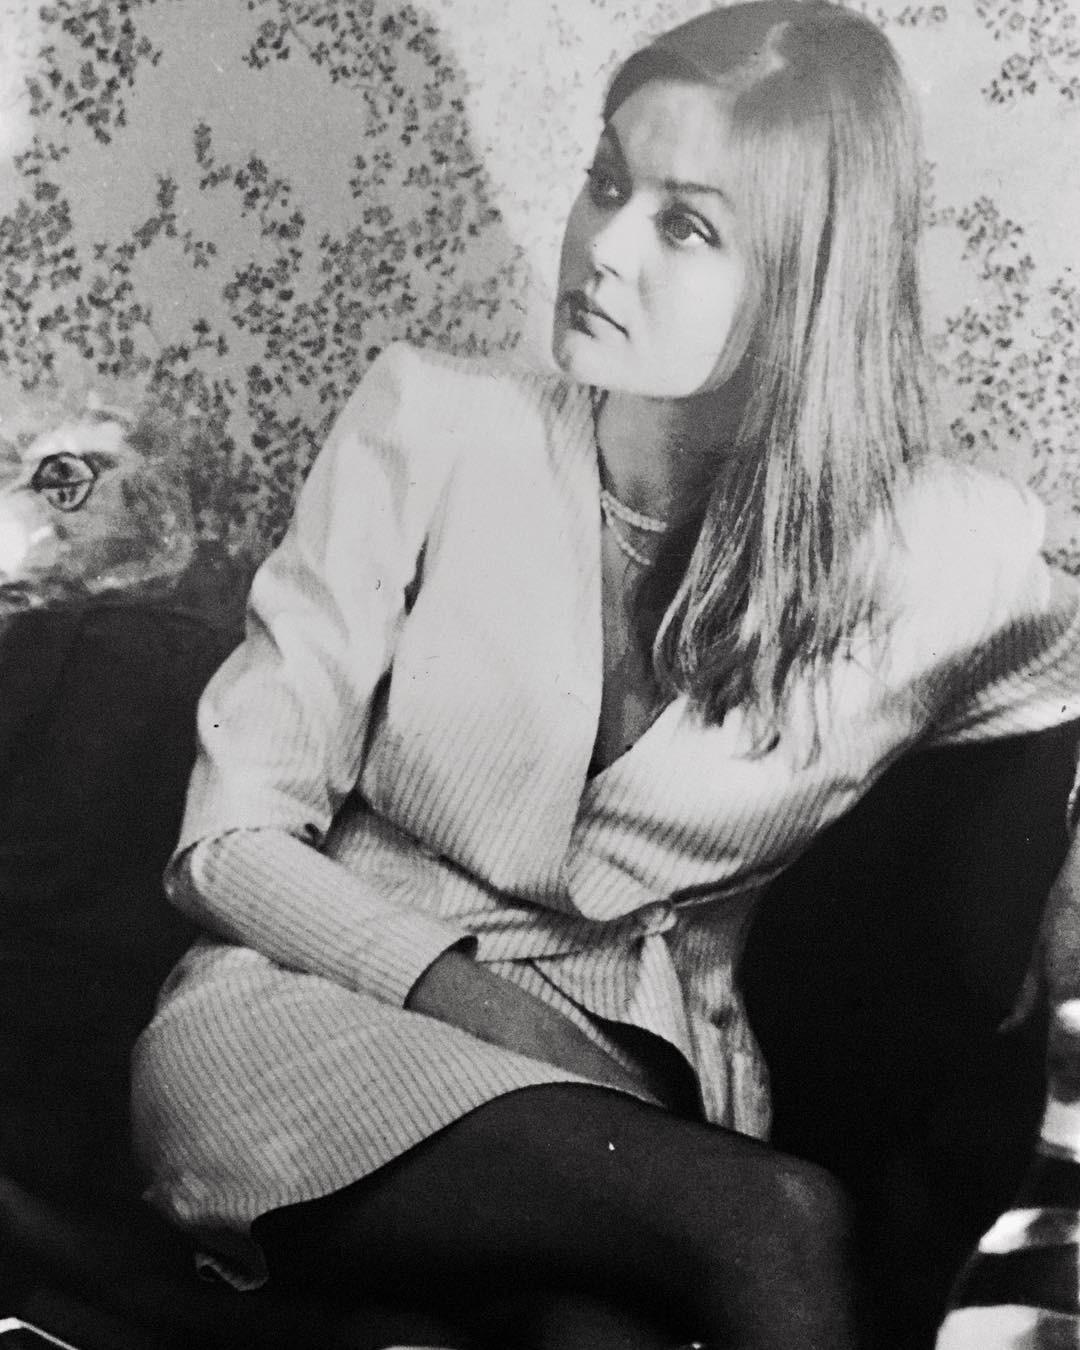 Телеведущая поделилась сфолловерами пленочными фотографиями - наних она запечатлена всамом начале своей карьеры. Поклонники оценили архивные кадры ибуквально засыпали артистку комплим...